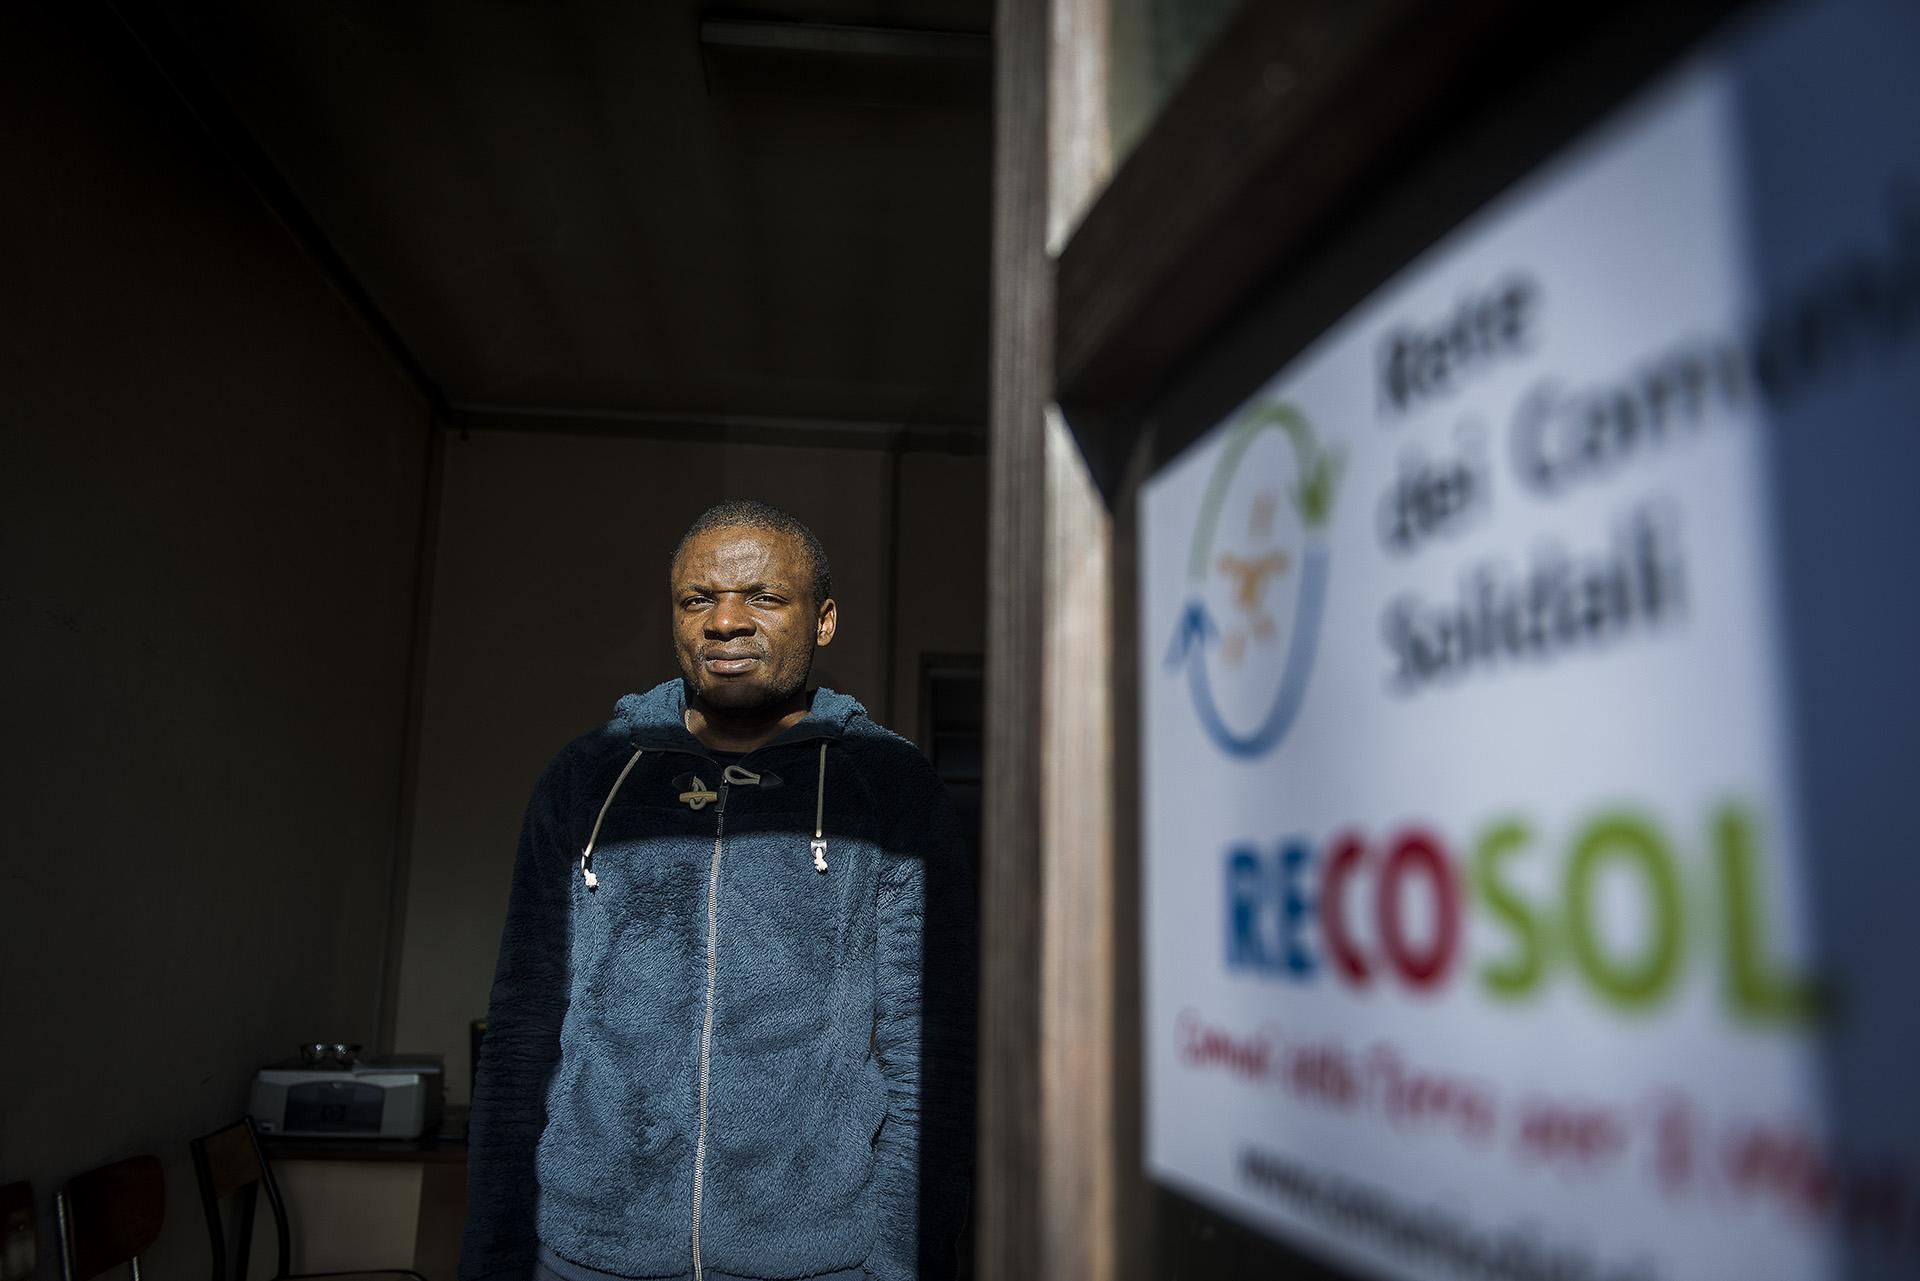 Roland Djameni, médiateur culturel de l'association italienne Recosol (Rete dei Comuni Solidali) est l'un des premiers interlocuteurs des exilés. Il les reçoit dans un local austère attenant à la gare, où des civières posées à même le sol font office de lits. Sa mission: informer les migrants de leurs droits, des possibilités légales qui s'offrent à eux et des dangers qui les attendent si ils poursuivent leur route.